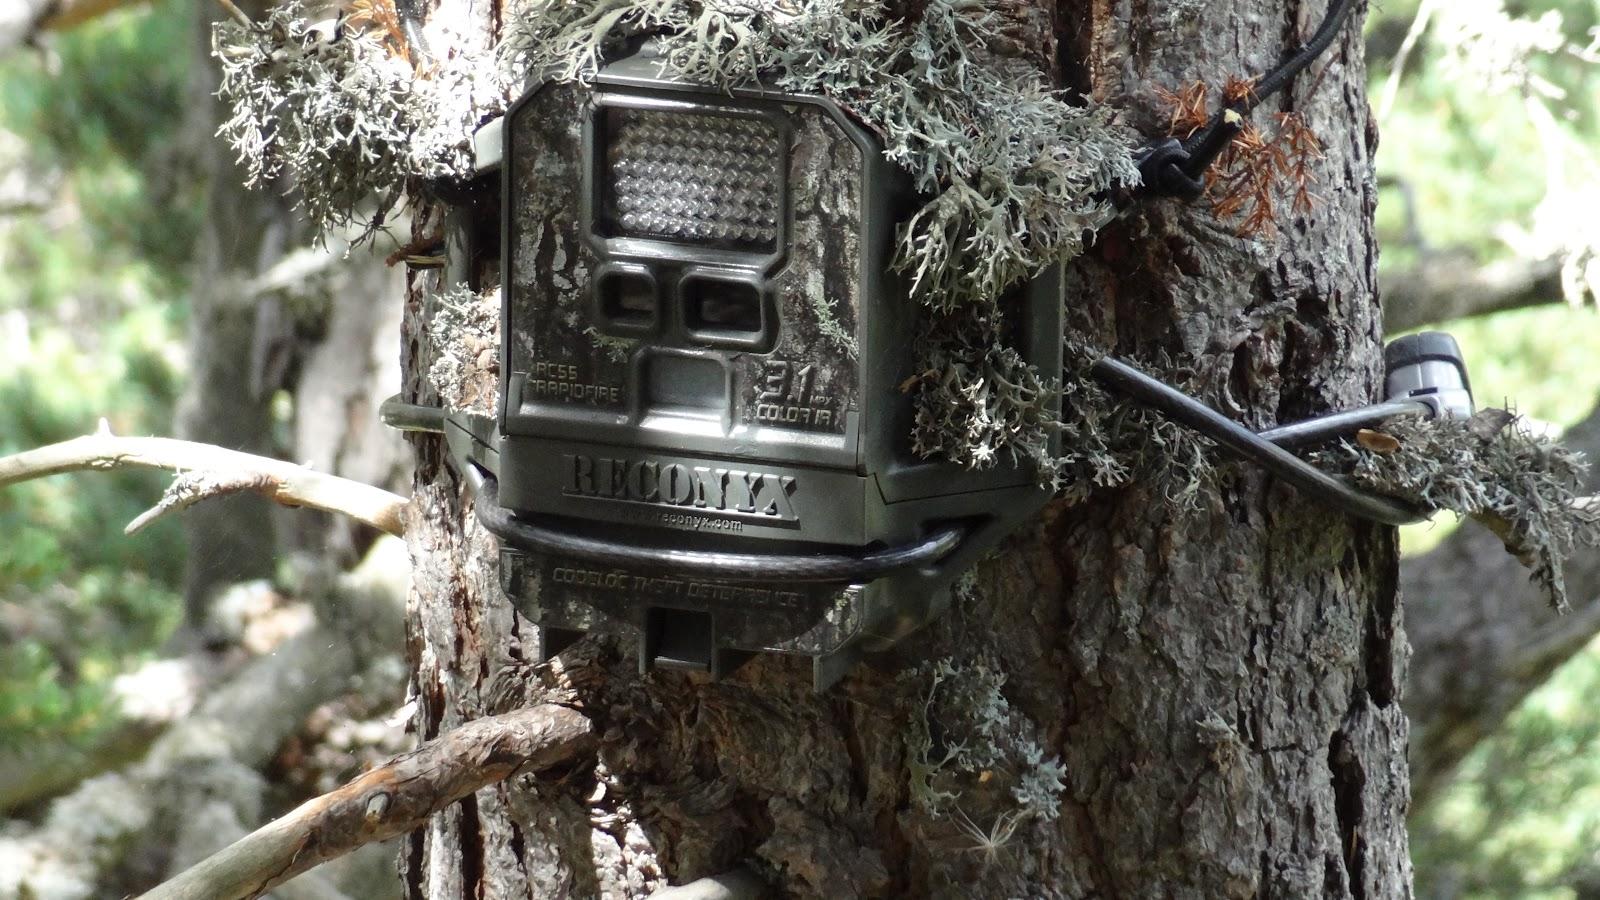 Cámara para animales del bosque, Reconyx